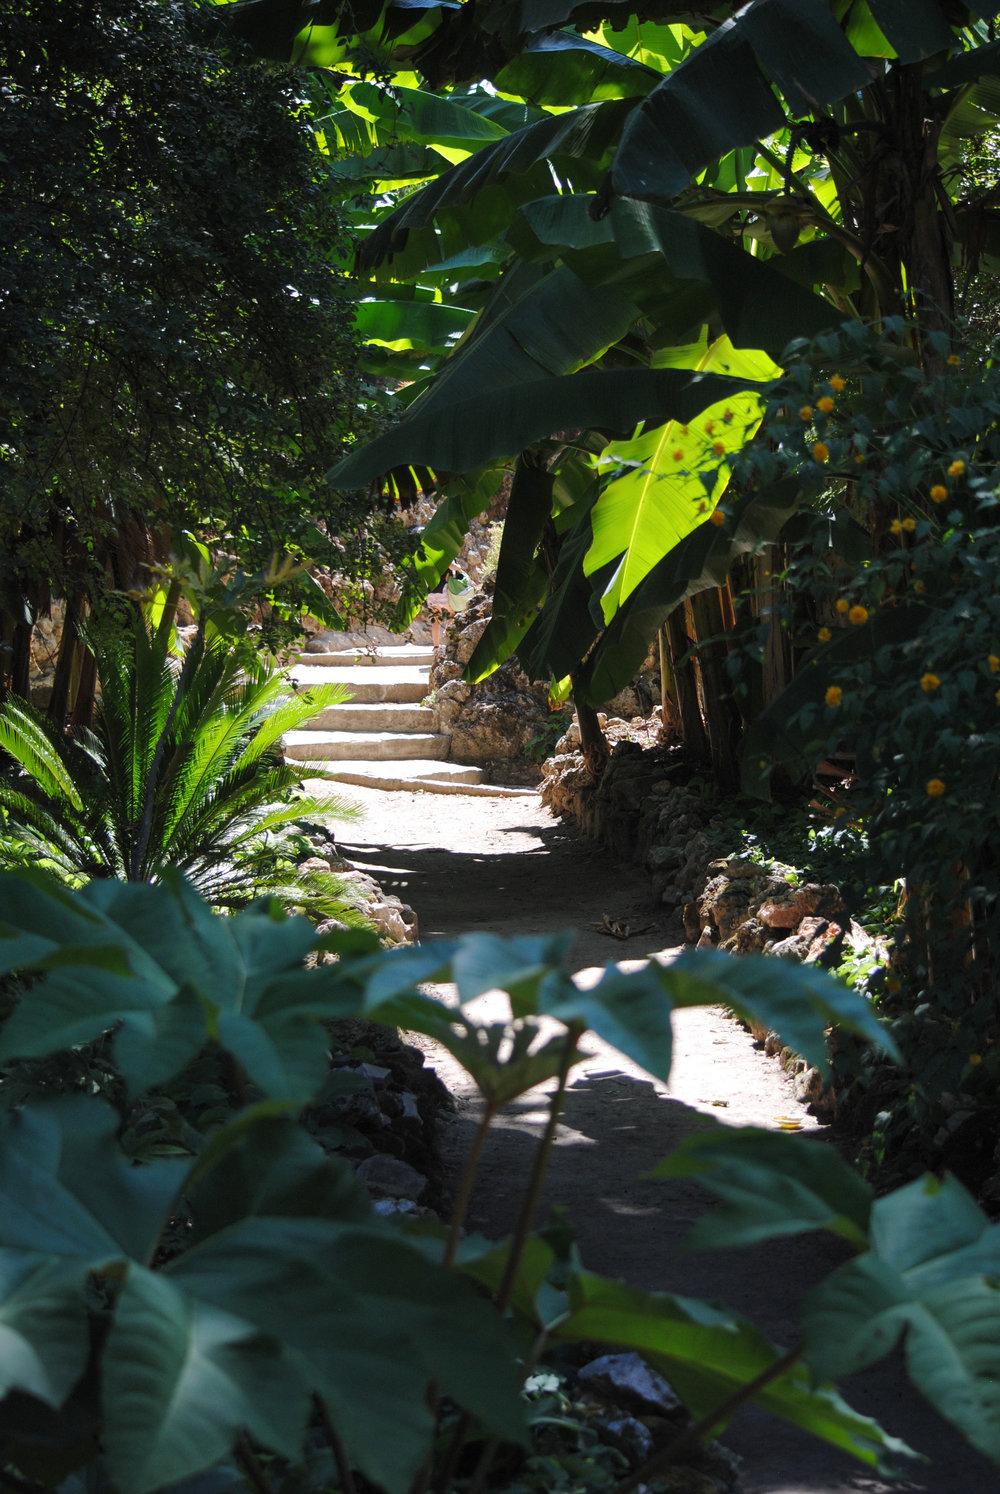 Le Jardin des Plantes. Photo by AKYOGA.